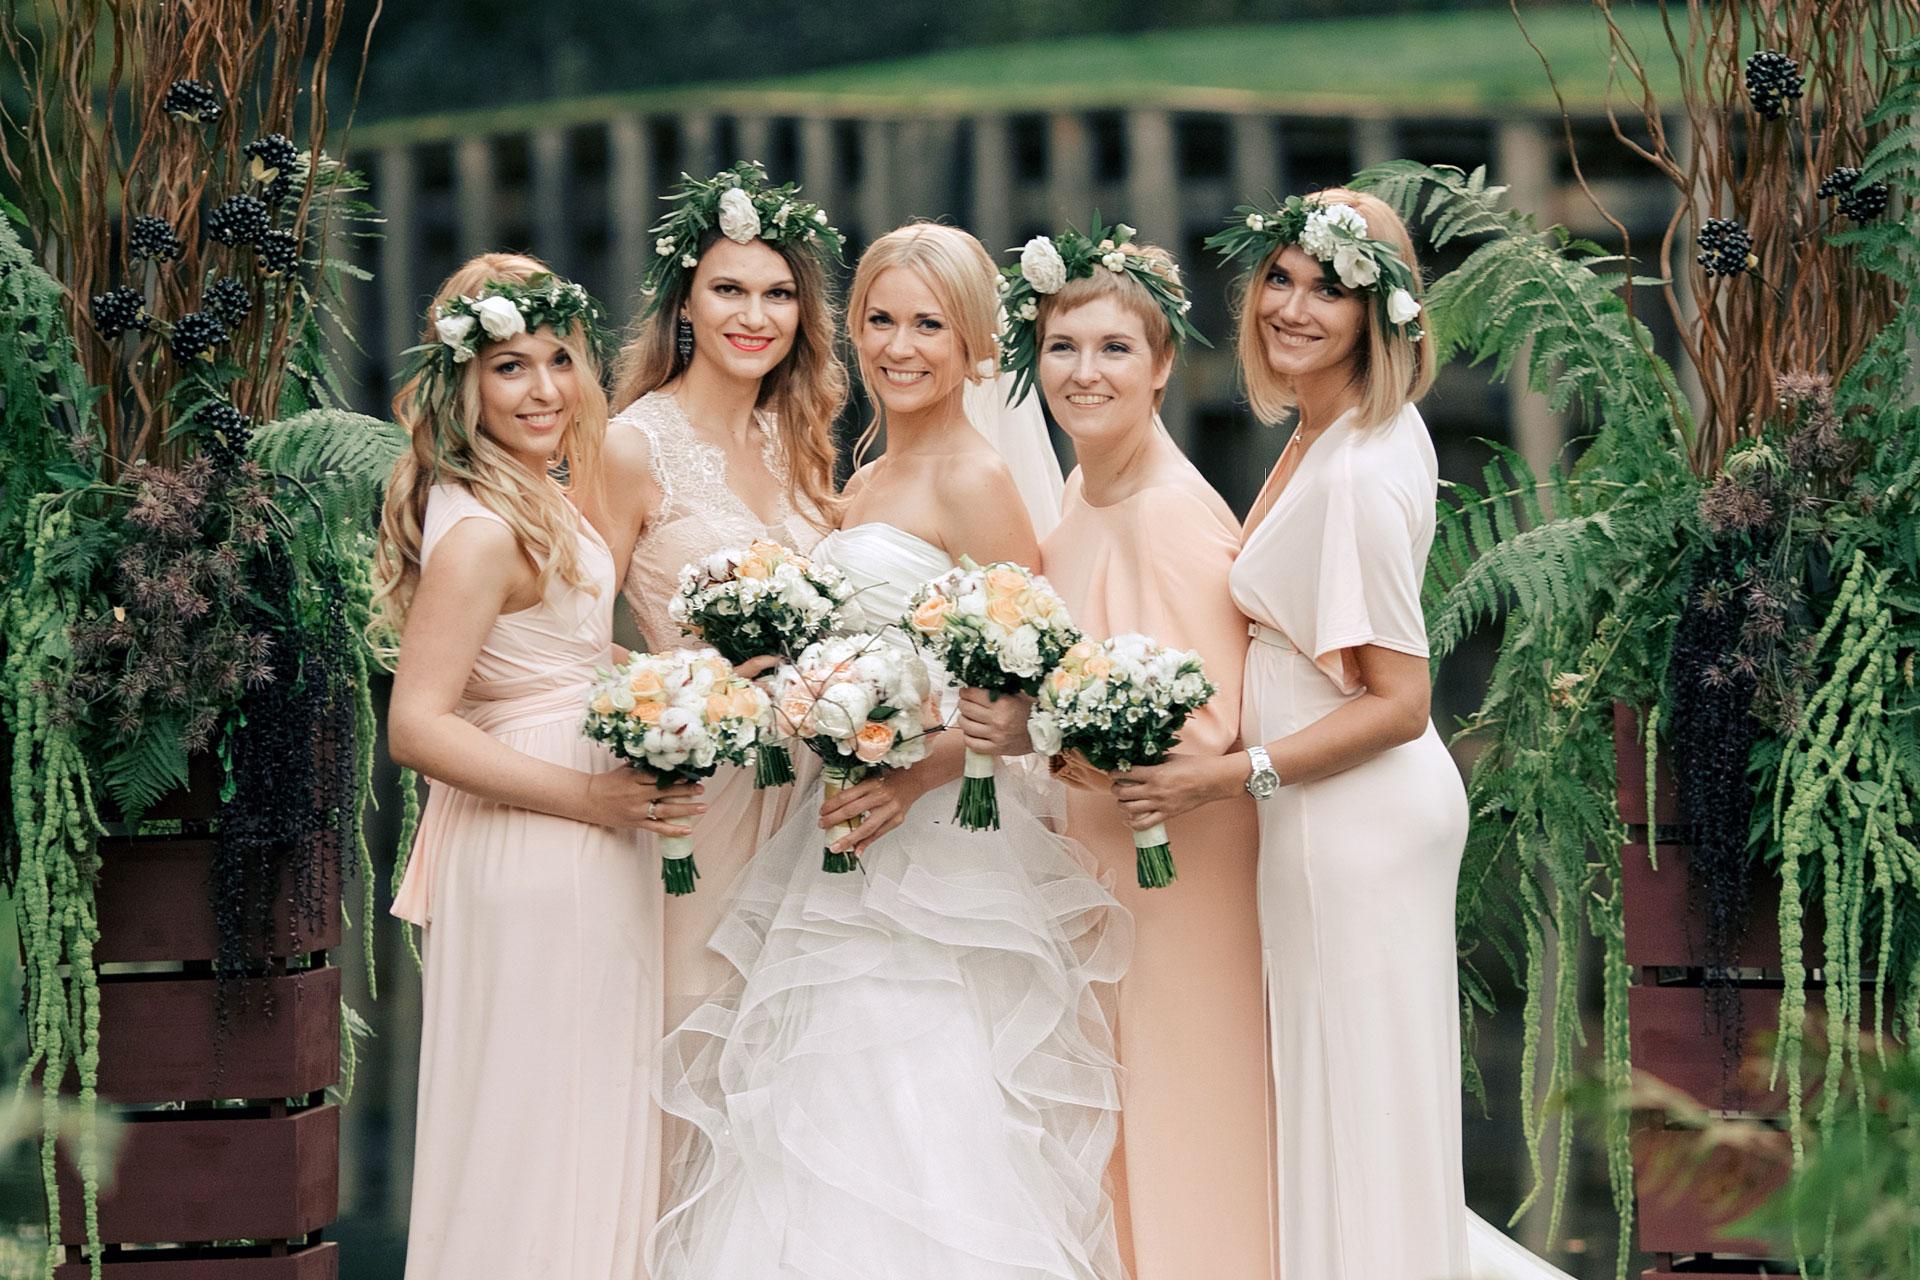 частное фото подруг невесты